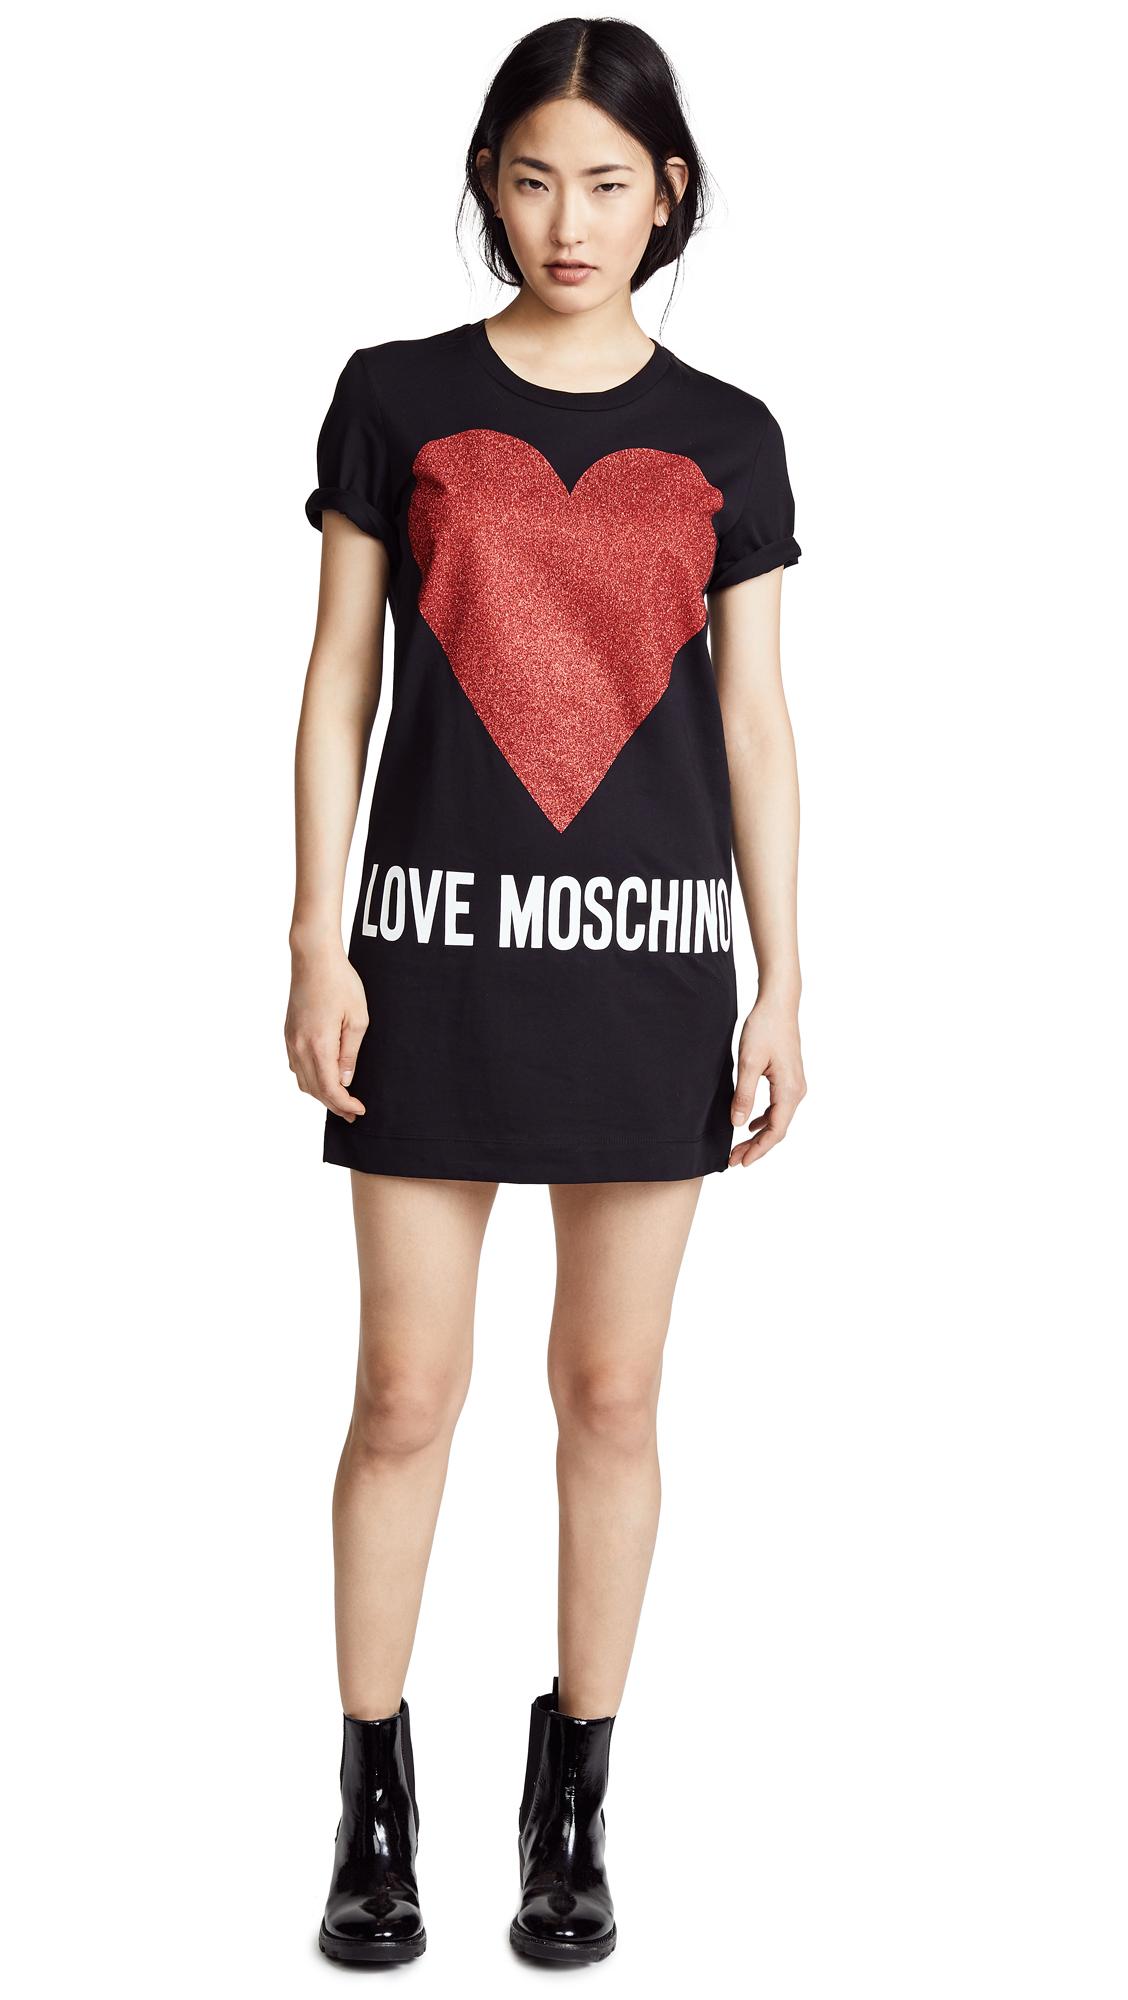 Moschino Love Moschino T-Shirt Dress